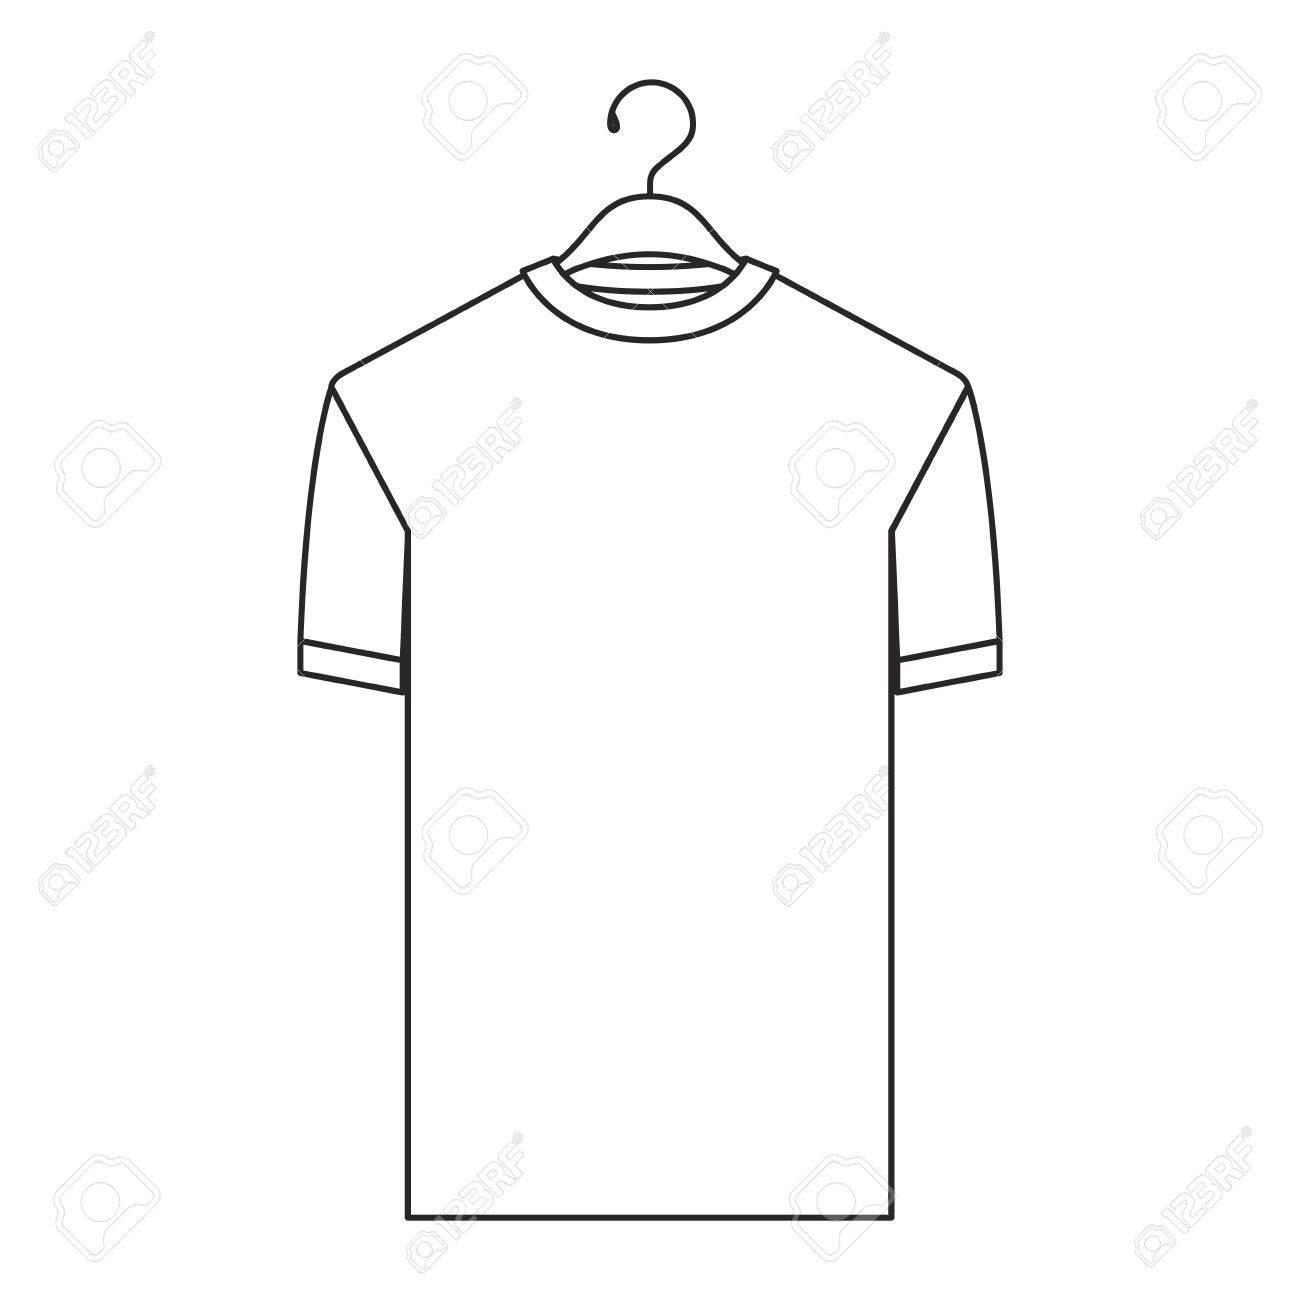 Suspensión Vector Camiseta En Ilustración Silueta Monocromática De Hombre E9DIH2